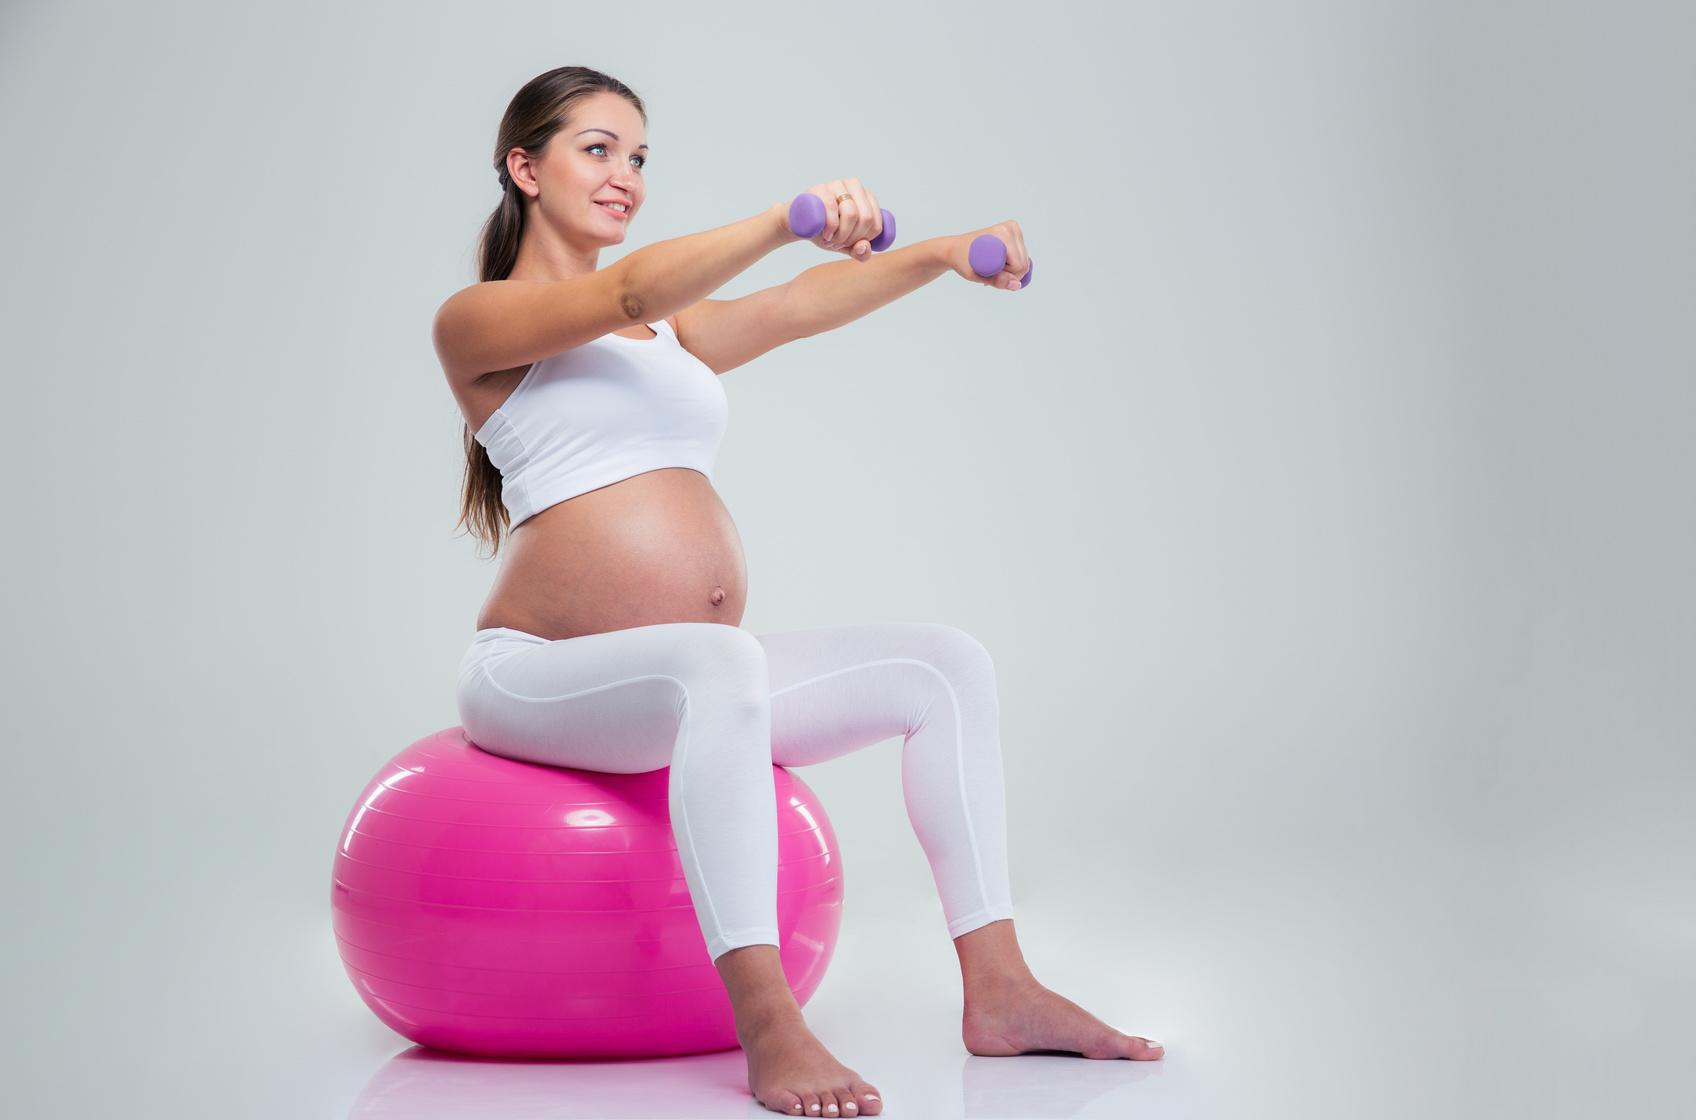 Упражнения для беременных 2 триместр с гантелями 1007